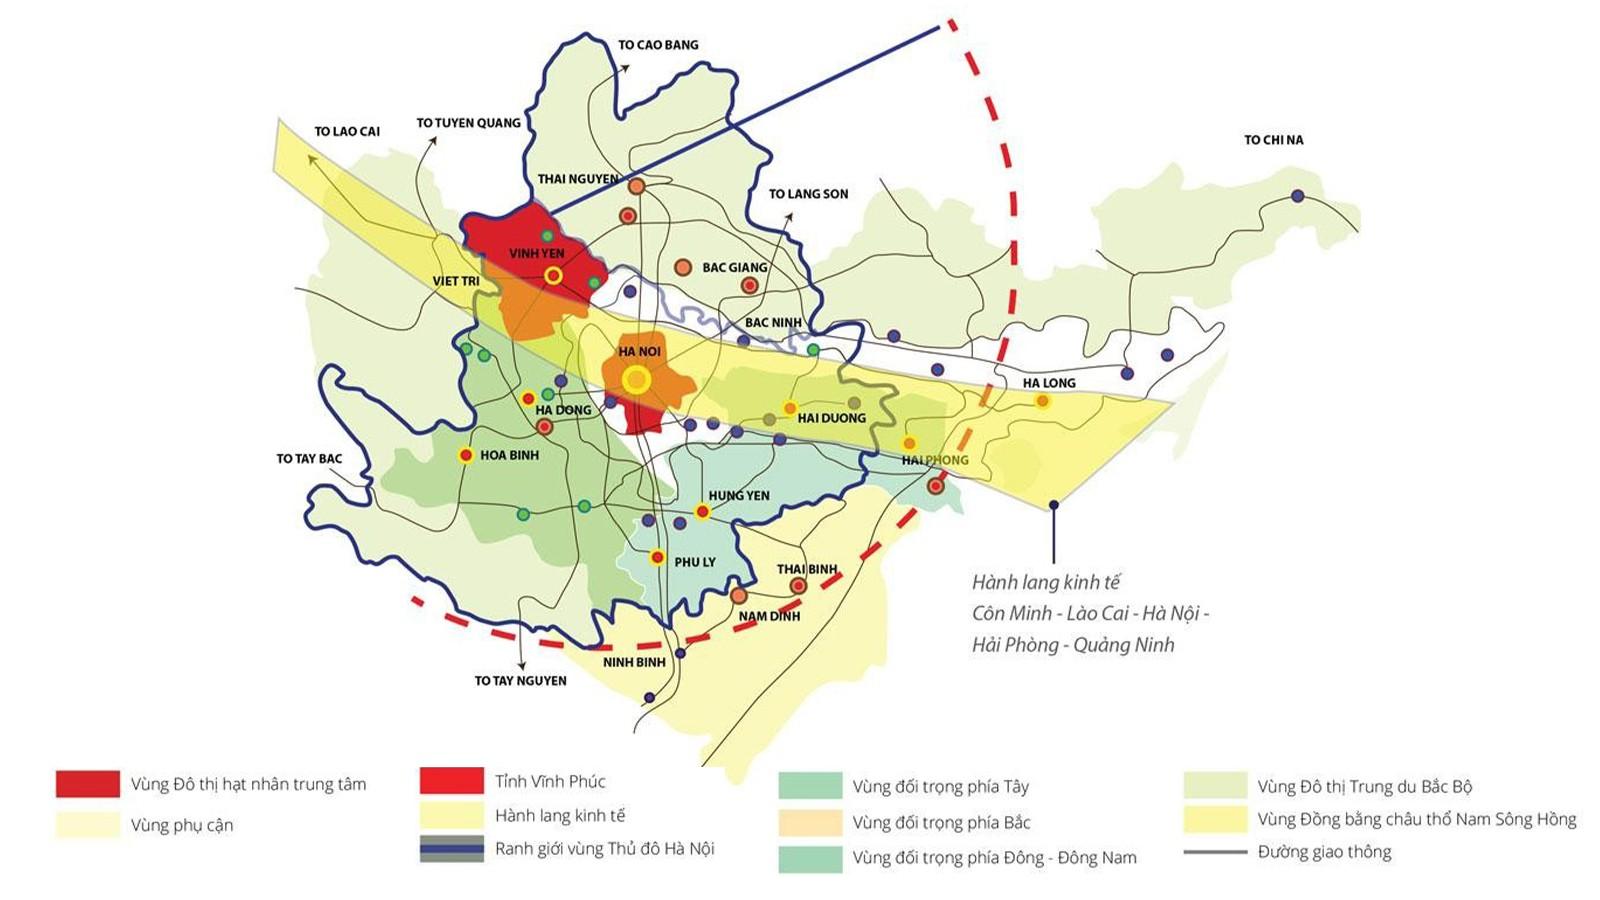 BĐS Bắc Hà Nội: Những tiềm năng to lớn và lực hút từ vùng ven - Ảnh 1.